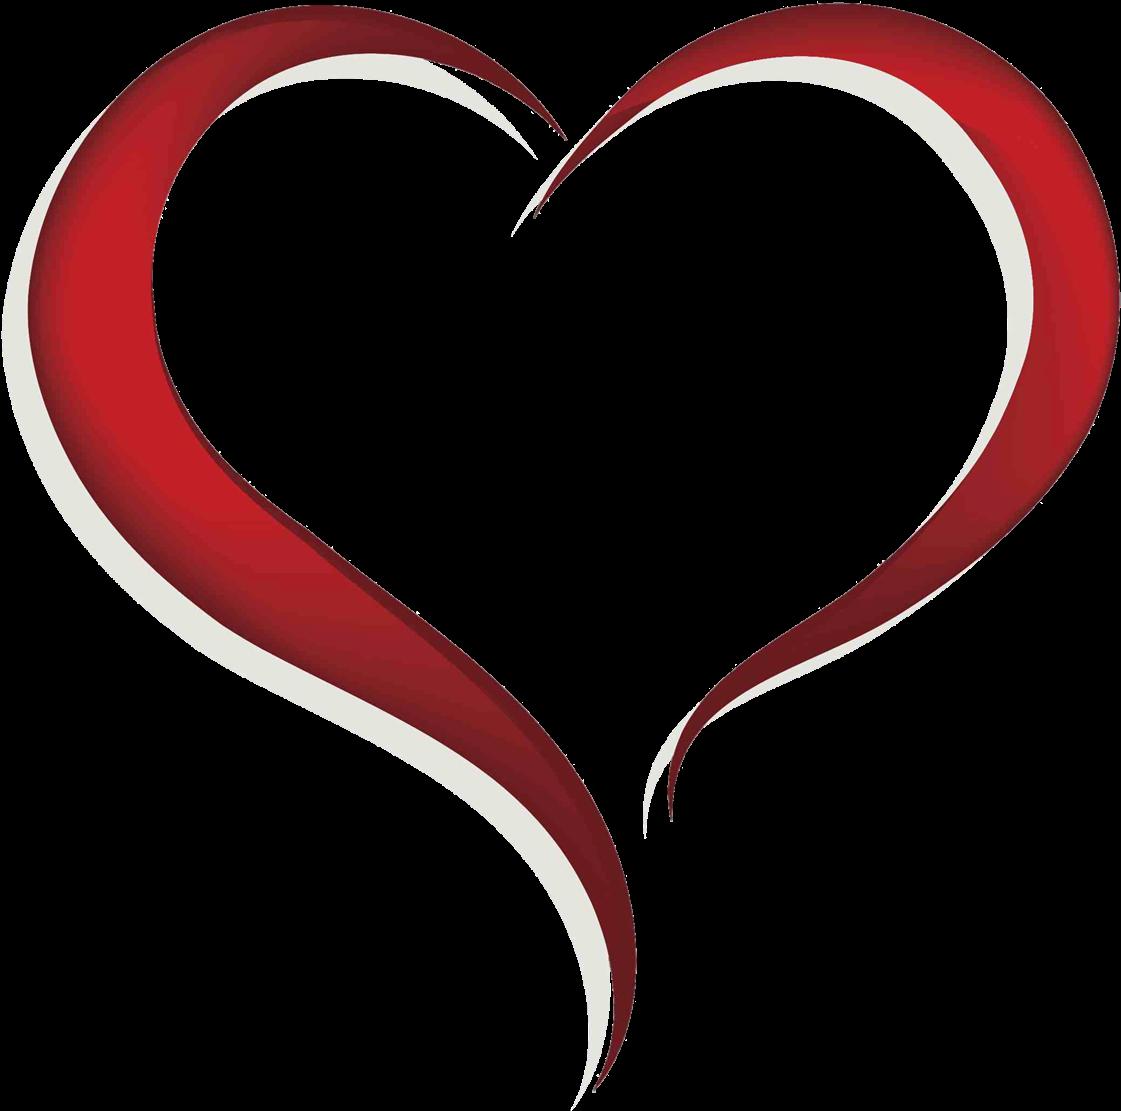 Transparent heart clipart - Heart Clipart Free - Open Heart Clip Art